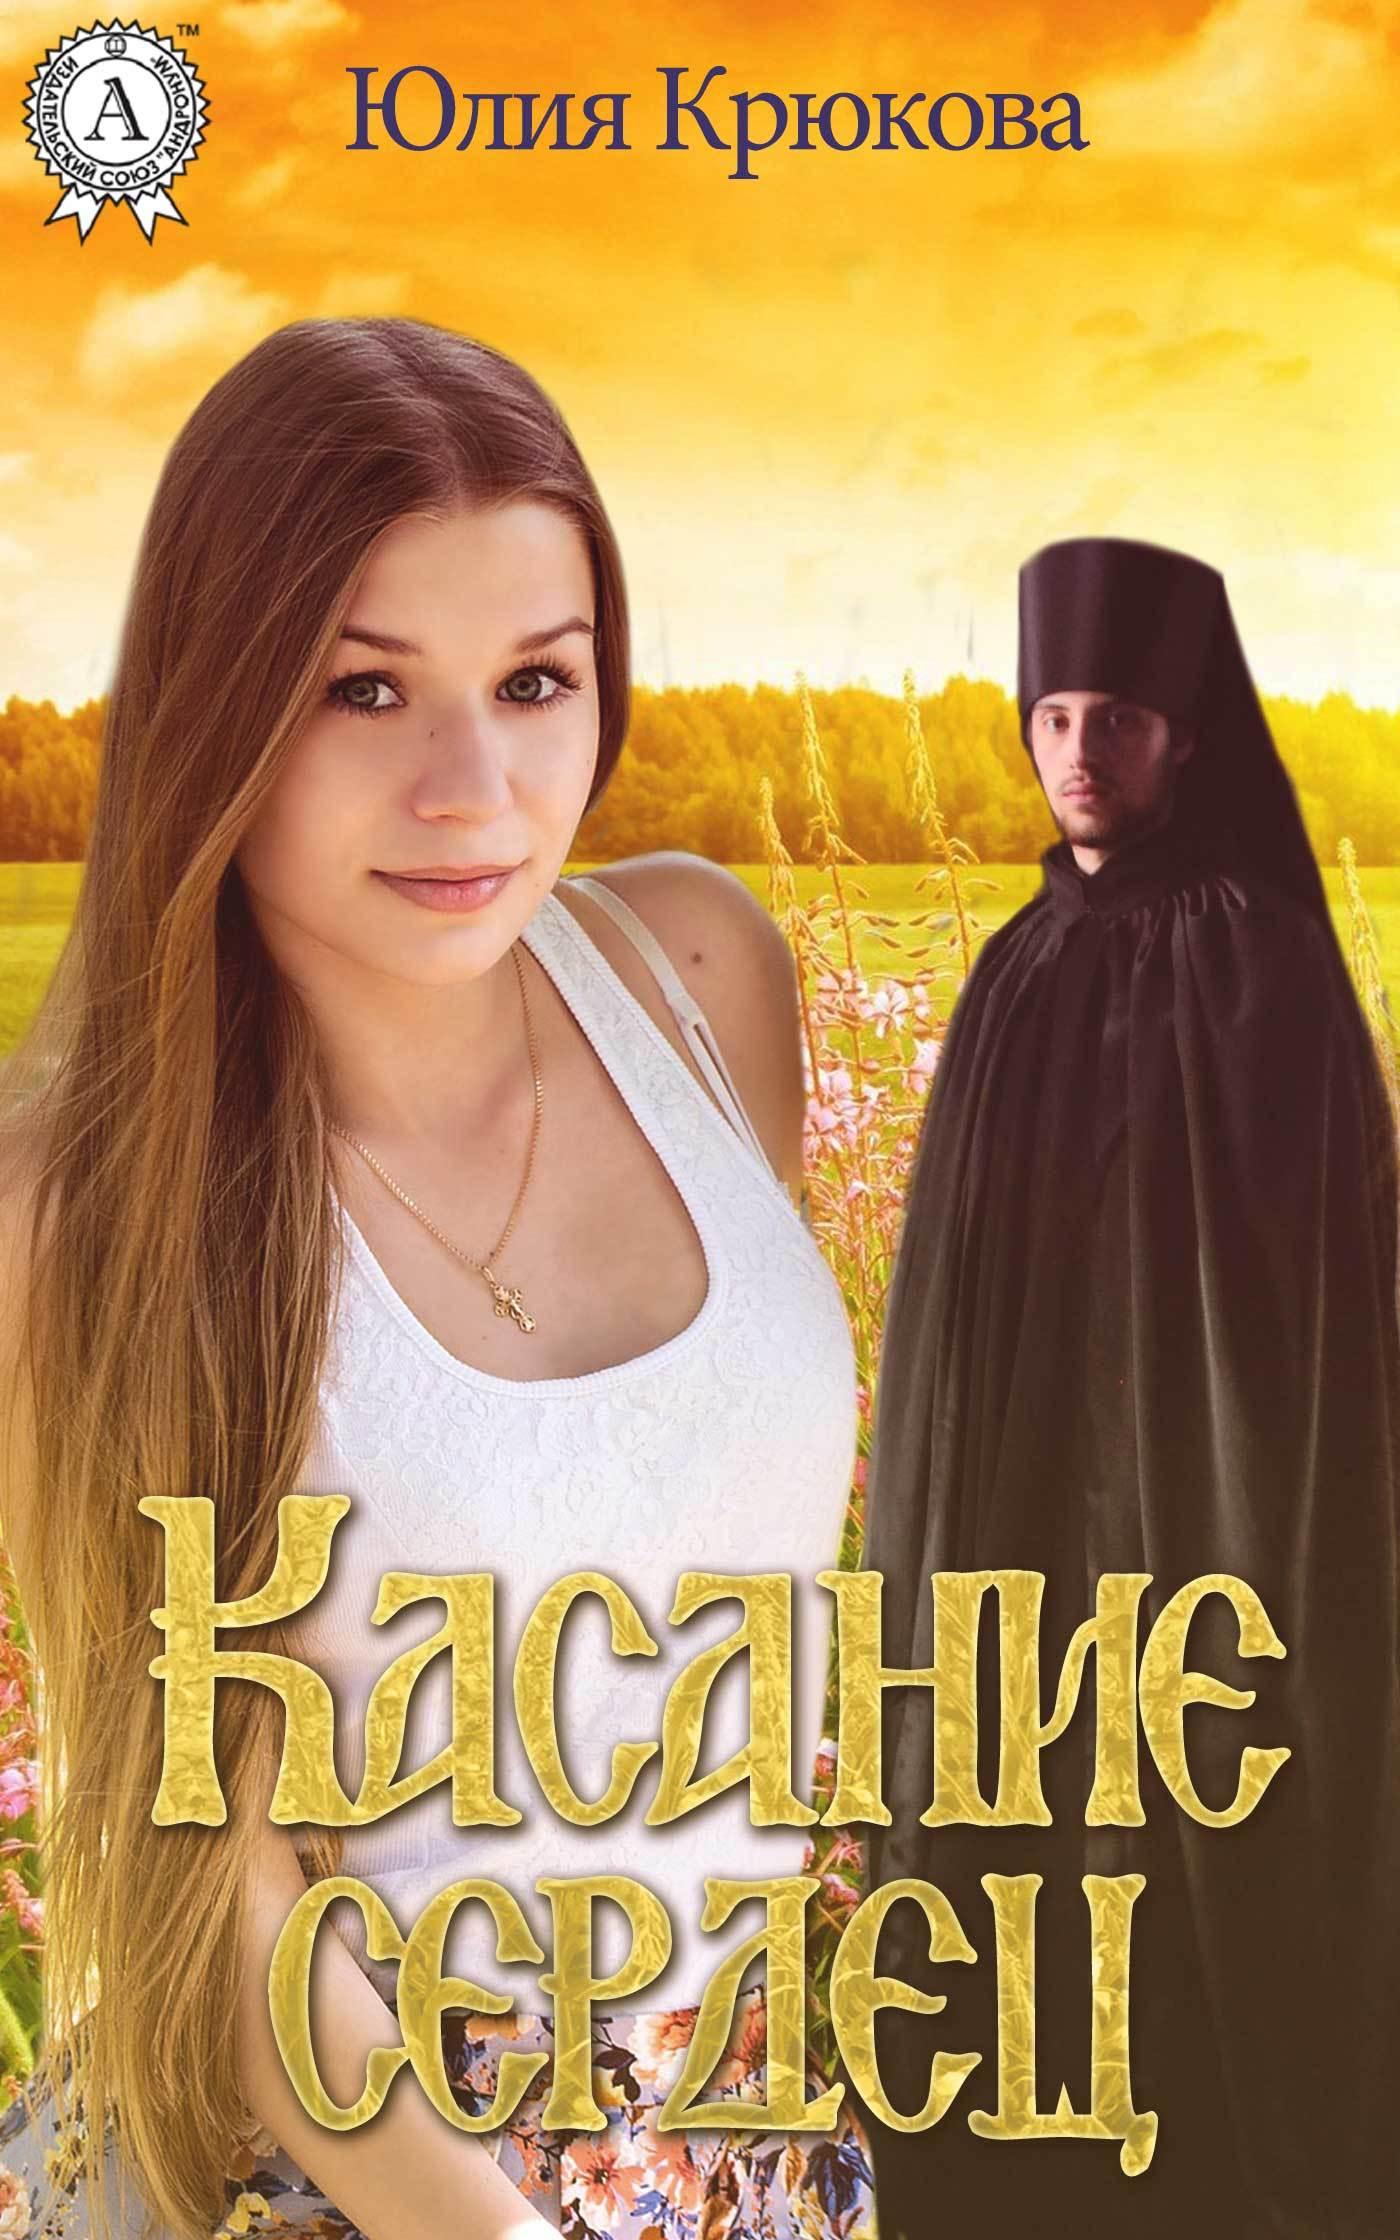 Юлия Крюкова - Касание сердец